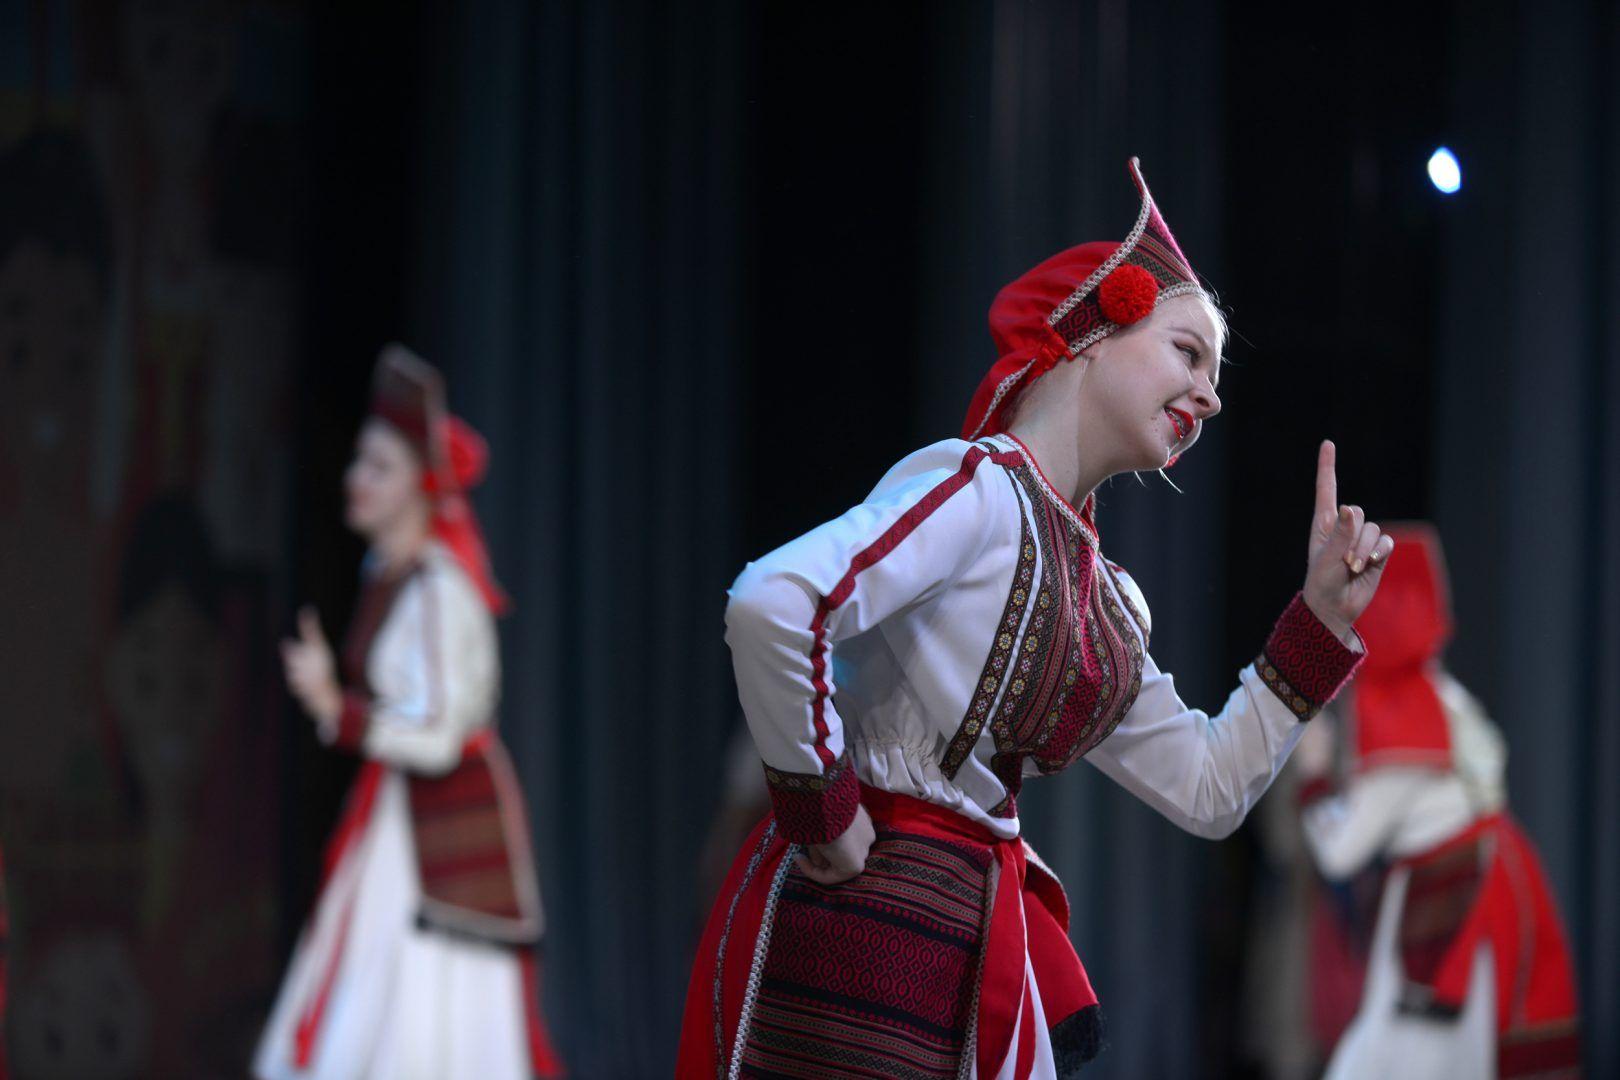 Артисты из Михайлово-Ярцевского выступят на отчетном концерте. Фото: архив, «Вечерняя Москва»